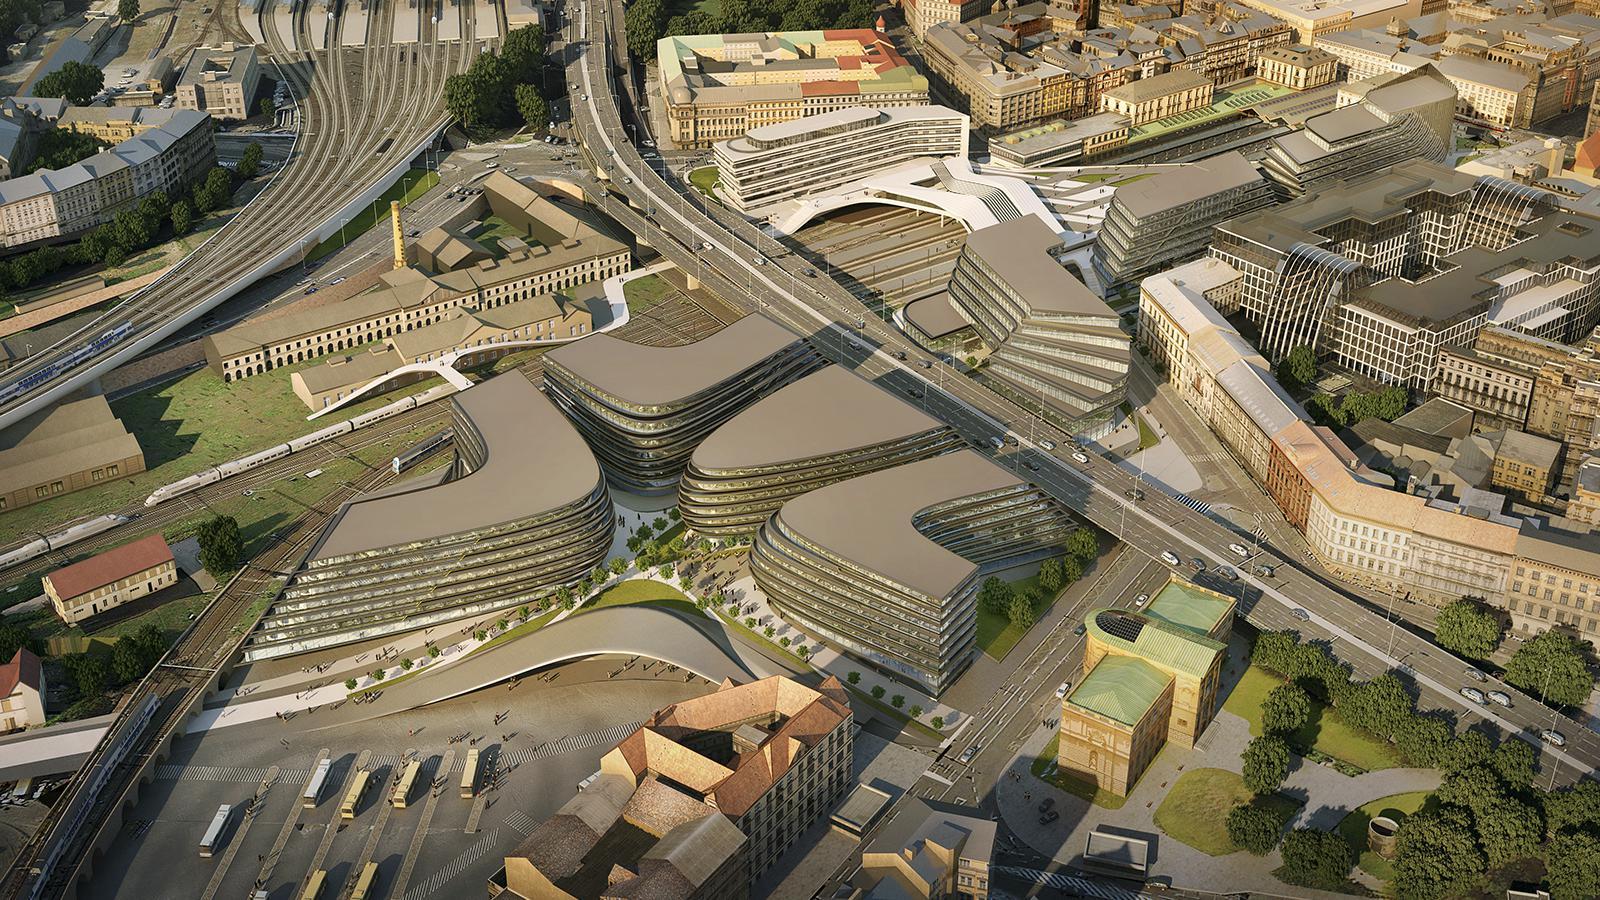 Penta představila vizualizace k nové podobě okolí Masarykova nádraží podle světoznámého ateliéru Zaha Hadid. Budova naproti Florentinu vychází z tvaru obřího kola vlaku, z něhož se po obou pláštích budovy větví kovové, zlaté prvky jako symbol kolejiště.